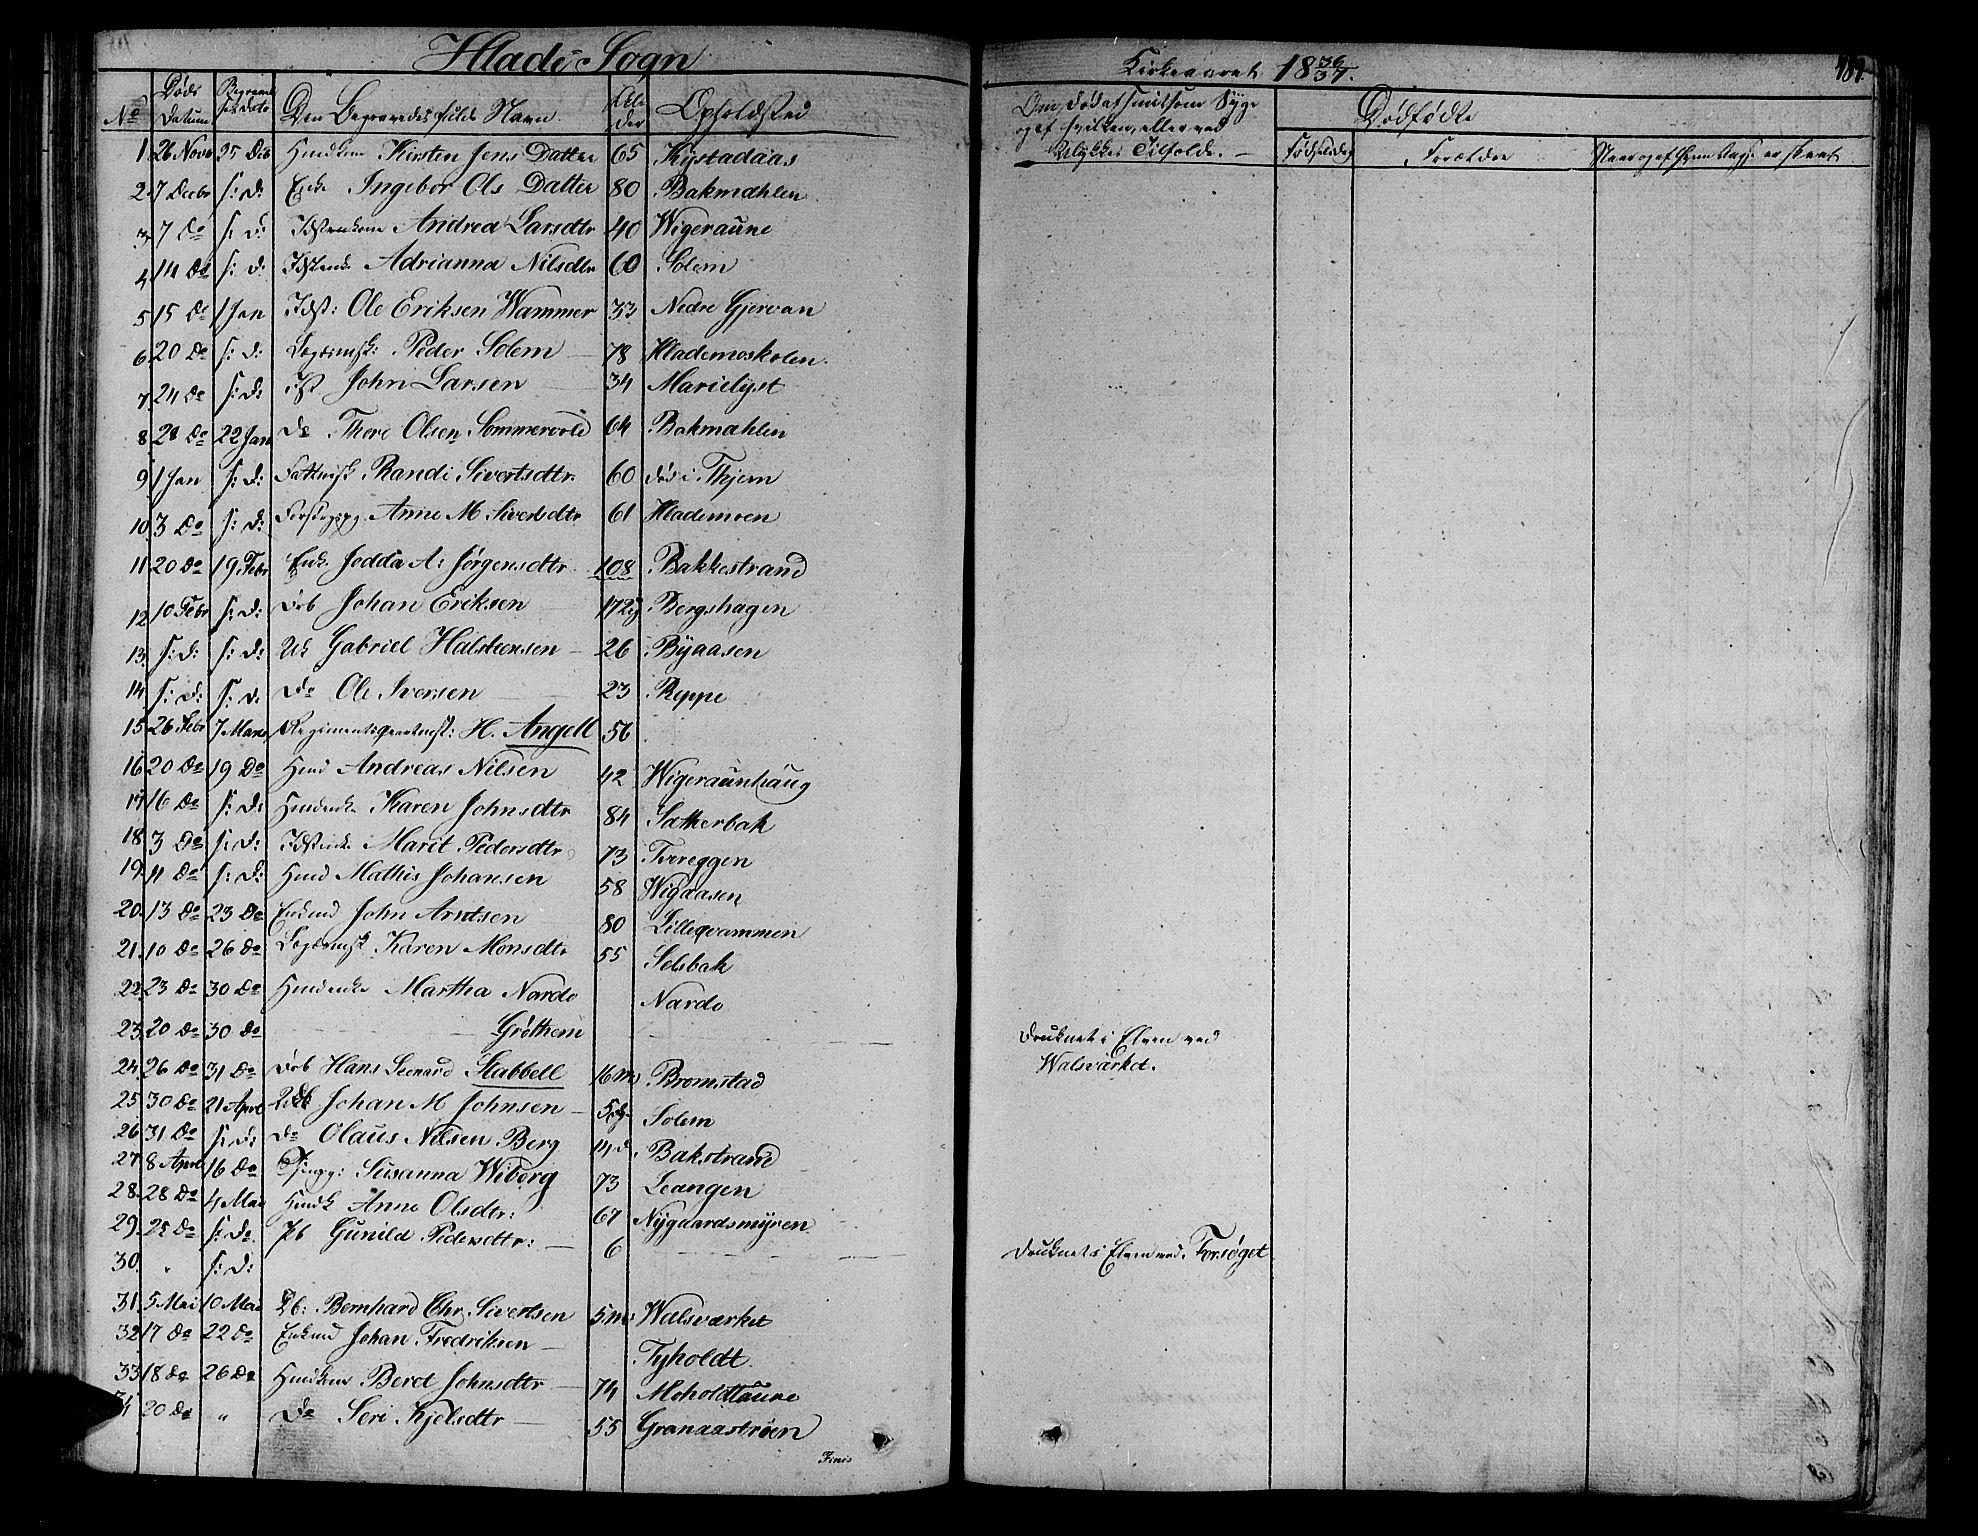 SAT, Ministerialprotokoller, klokkerbøker og fødselsregistre - Sør-Trøndelag, 606/L0286: Ministerialbok nr. 606A04 /1, 1823-1840, s. 489